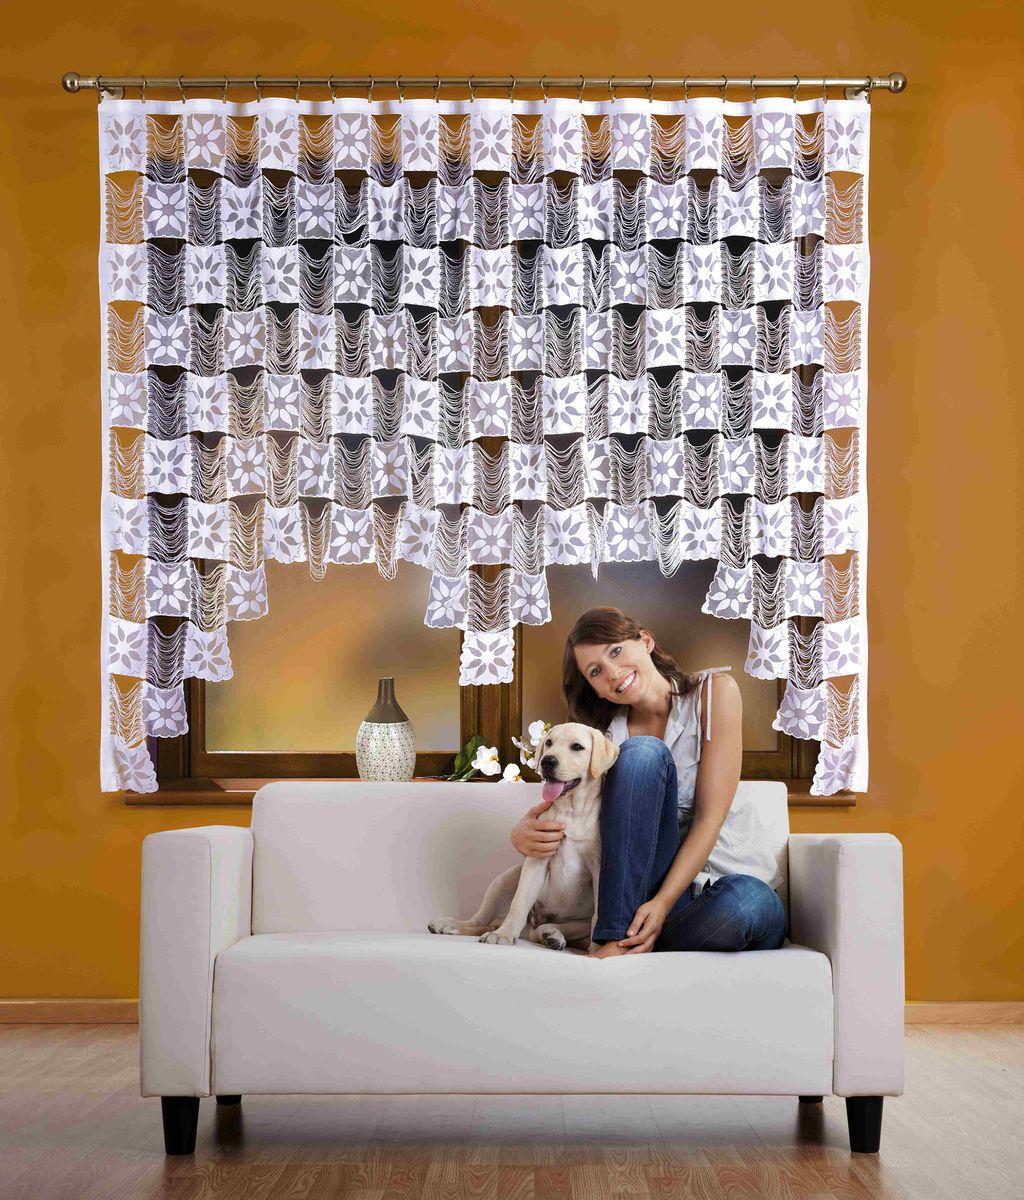 Гардина Wisan Stasia, на ленте, цвет: белый, высота 170 см10503Воздушная гардина Wisan Stasia, изготовленная из полиэстера, станет великолепным украшением любого окна. Изделие выполнено из бахромы с квадратными вставками. Оригинальное оформление гардины внесет разнообразие и подарит заряд положительного настроения.Гардина оснащена шторной лентой для крепления на карниз.